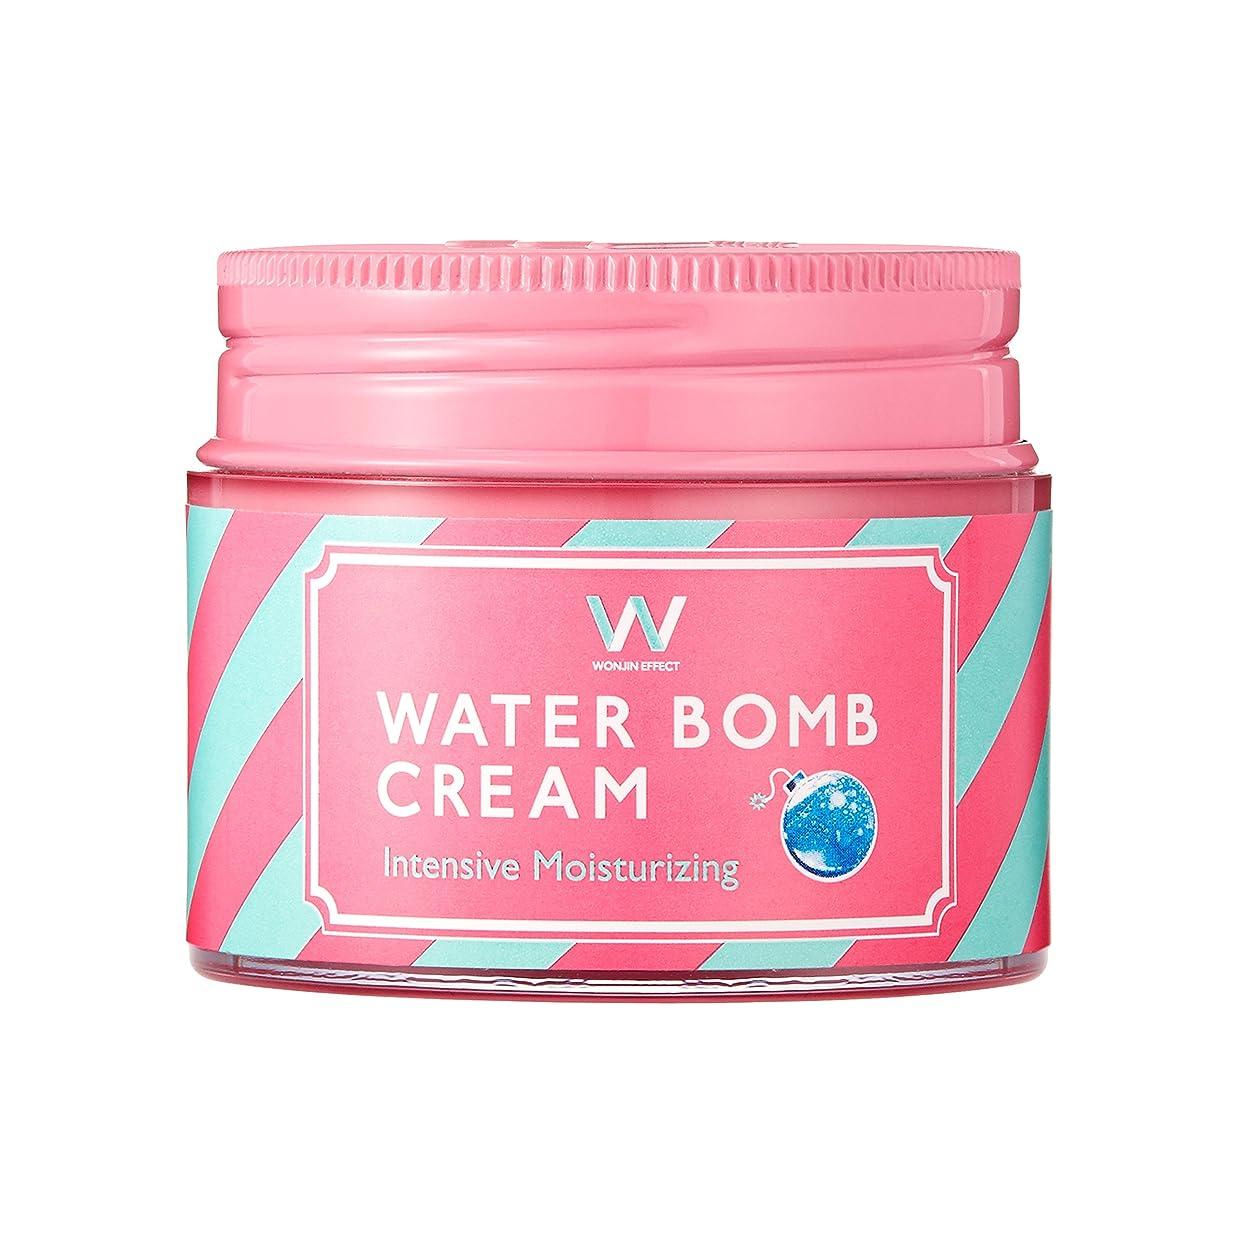 れる大工キャメルウォンジンエフェクター「WONJIN EFFECT」ウォーターバームクリーム50ml(Water bomb cream)?ピンクハル?(PINKHARU)?韓国コスメ? [並行輸入品]